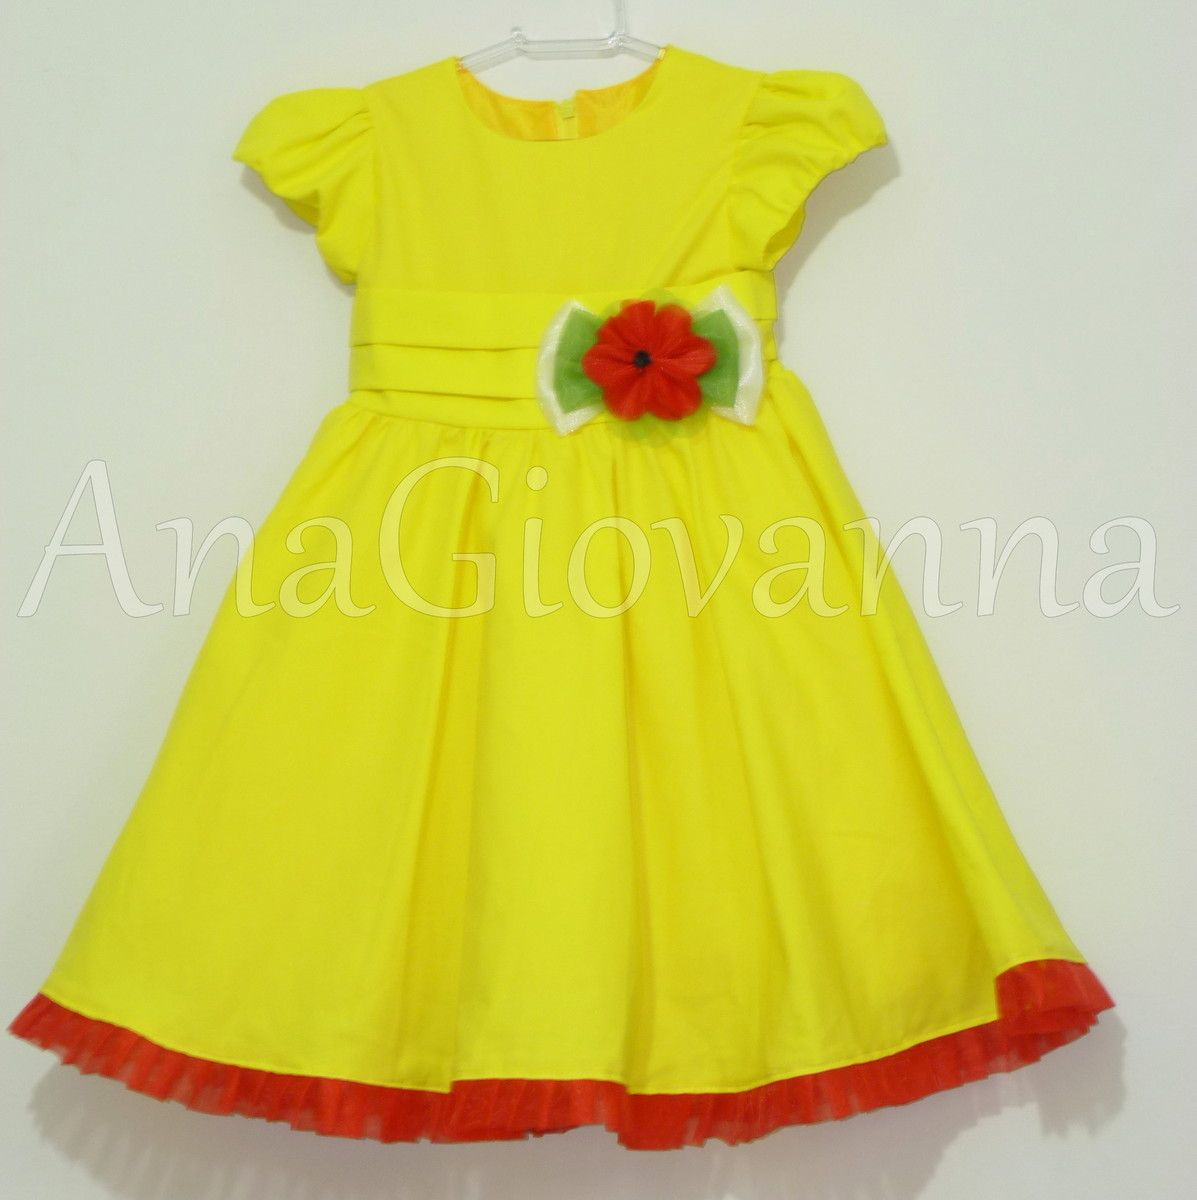 8643a975d4a1f0 Vestido Infantil Magali. Tecidos: Algodão, tule, organza. Não ...